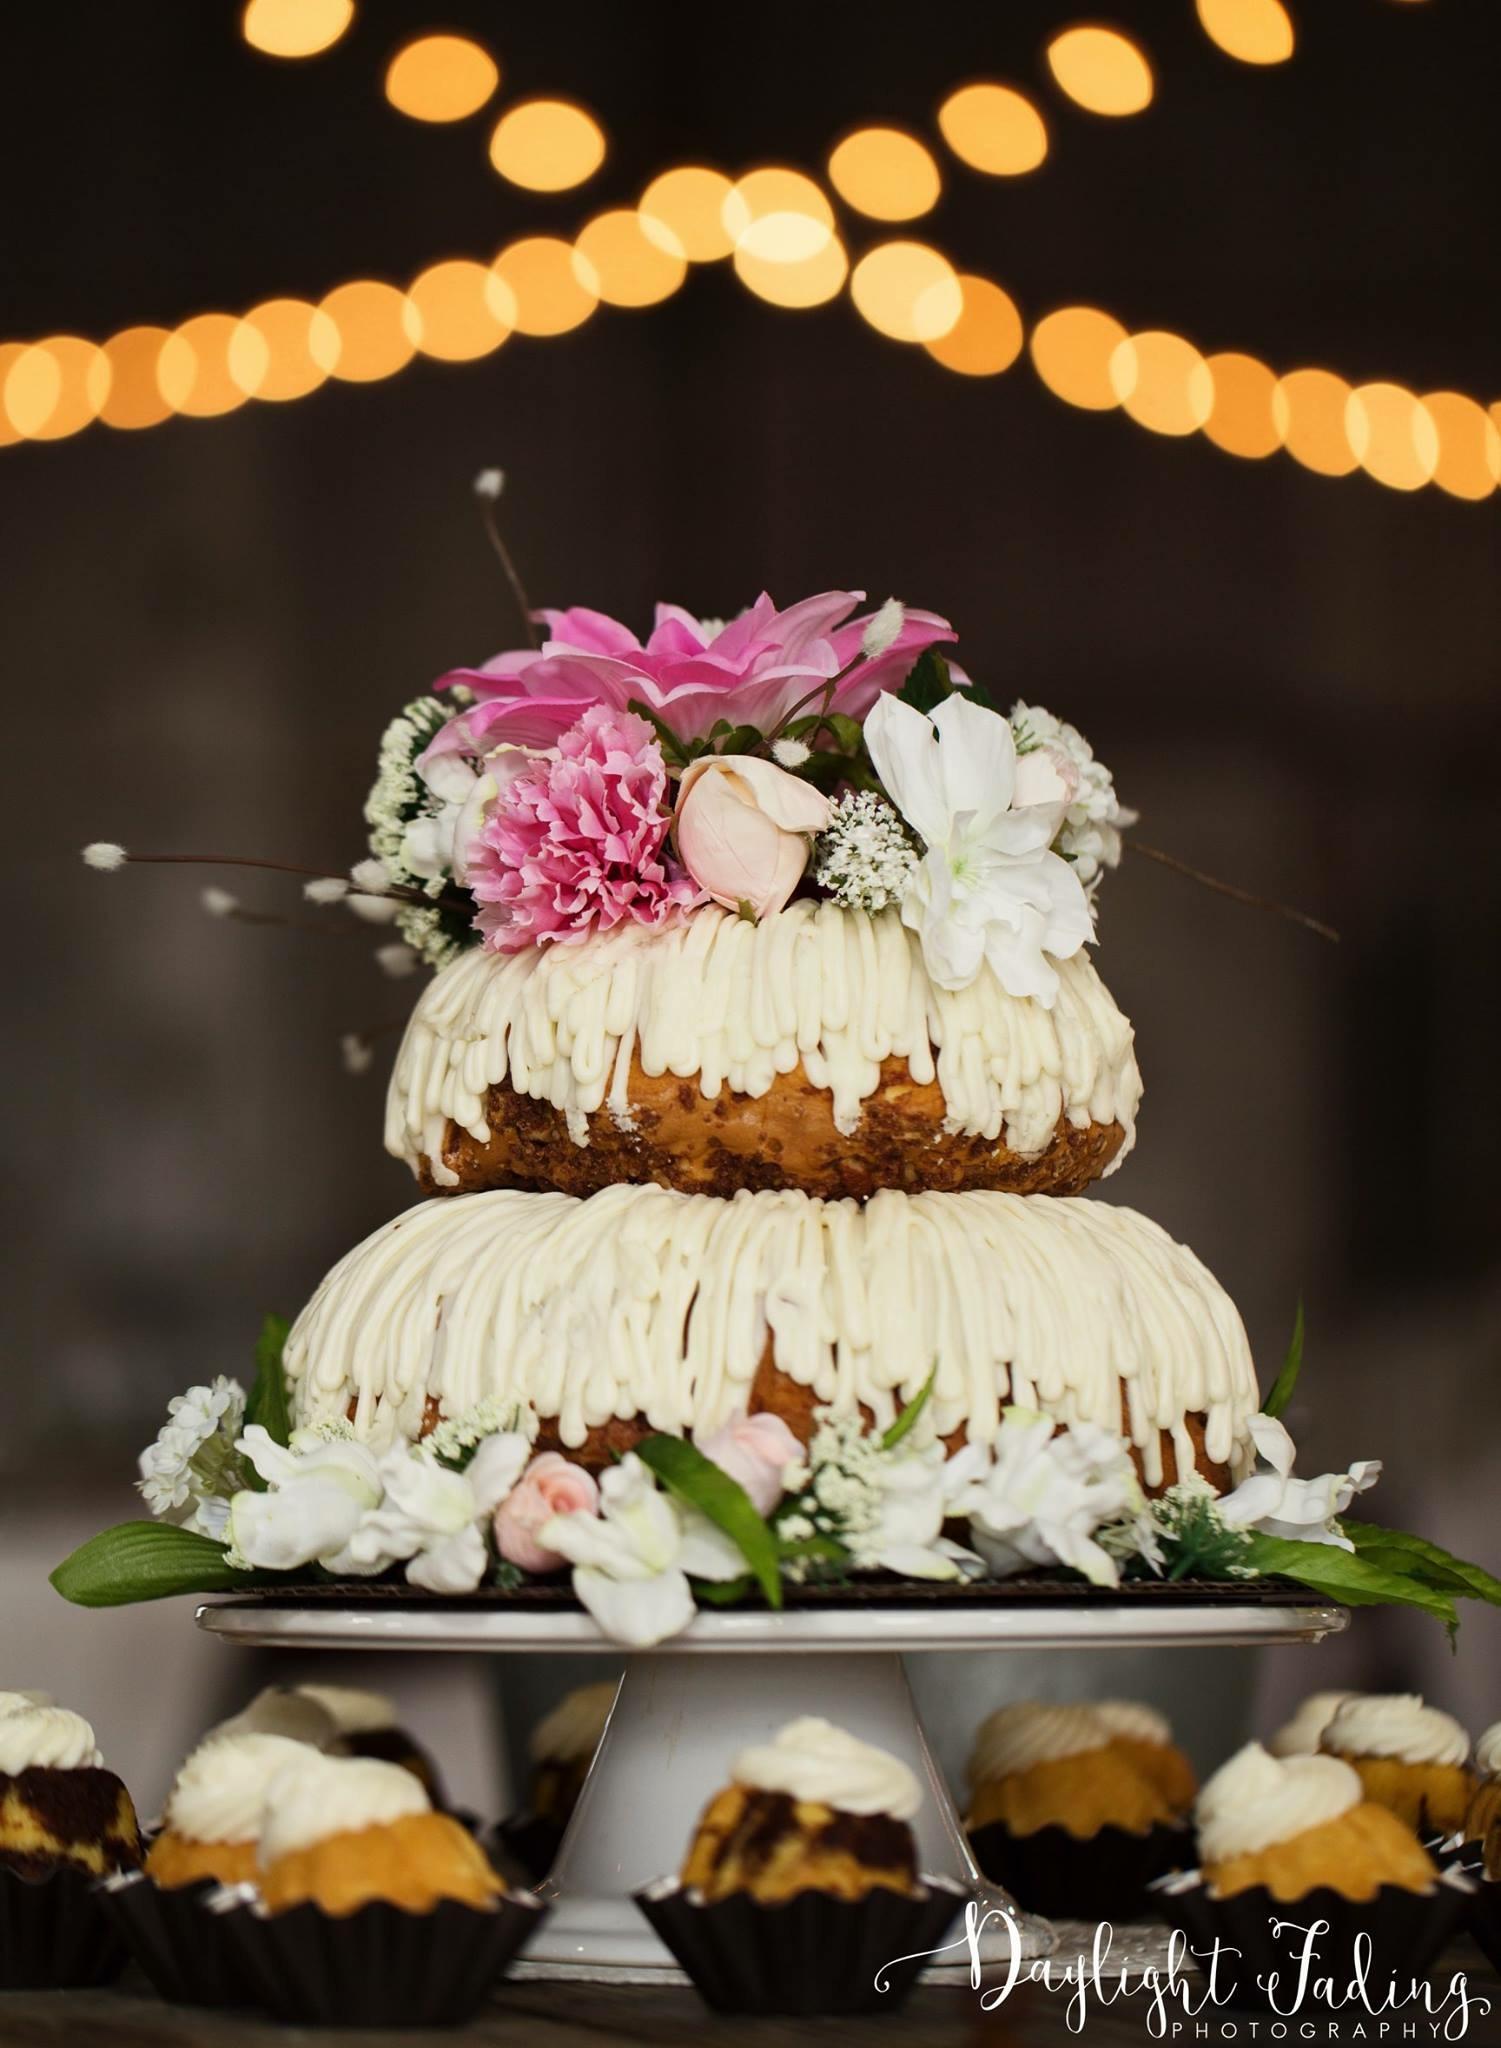 Nothing Bundt Cakes Wedding Cake and Cupcakes at Dixie Gin in Shreveport, Louisiana - daylightfadingphotography.com